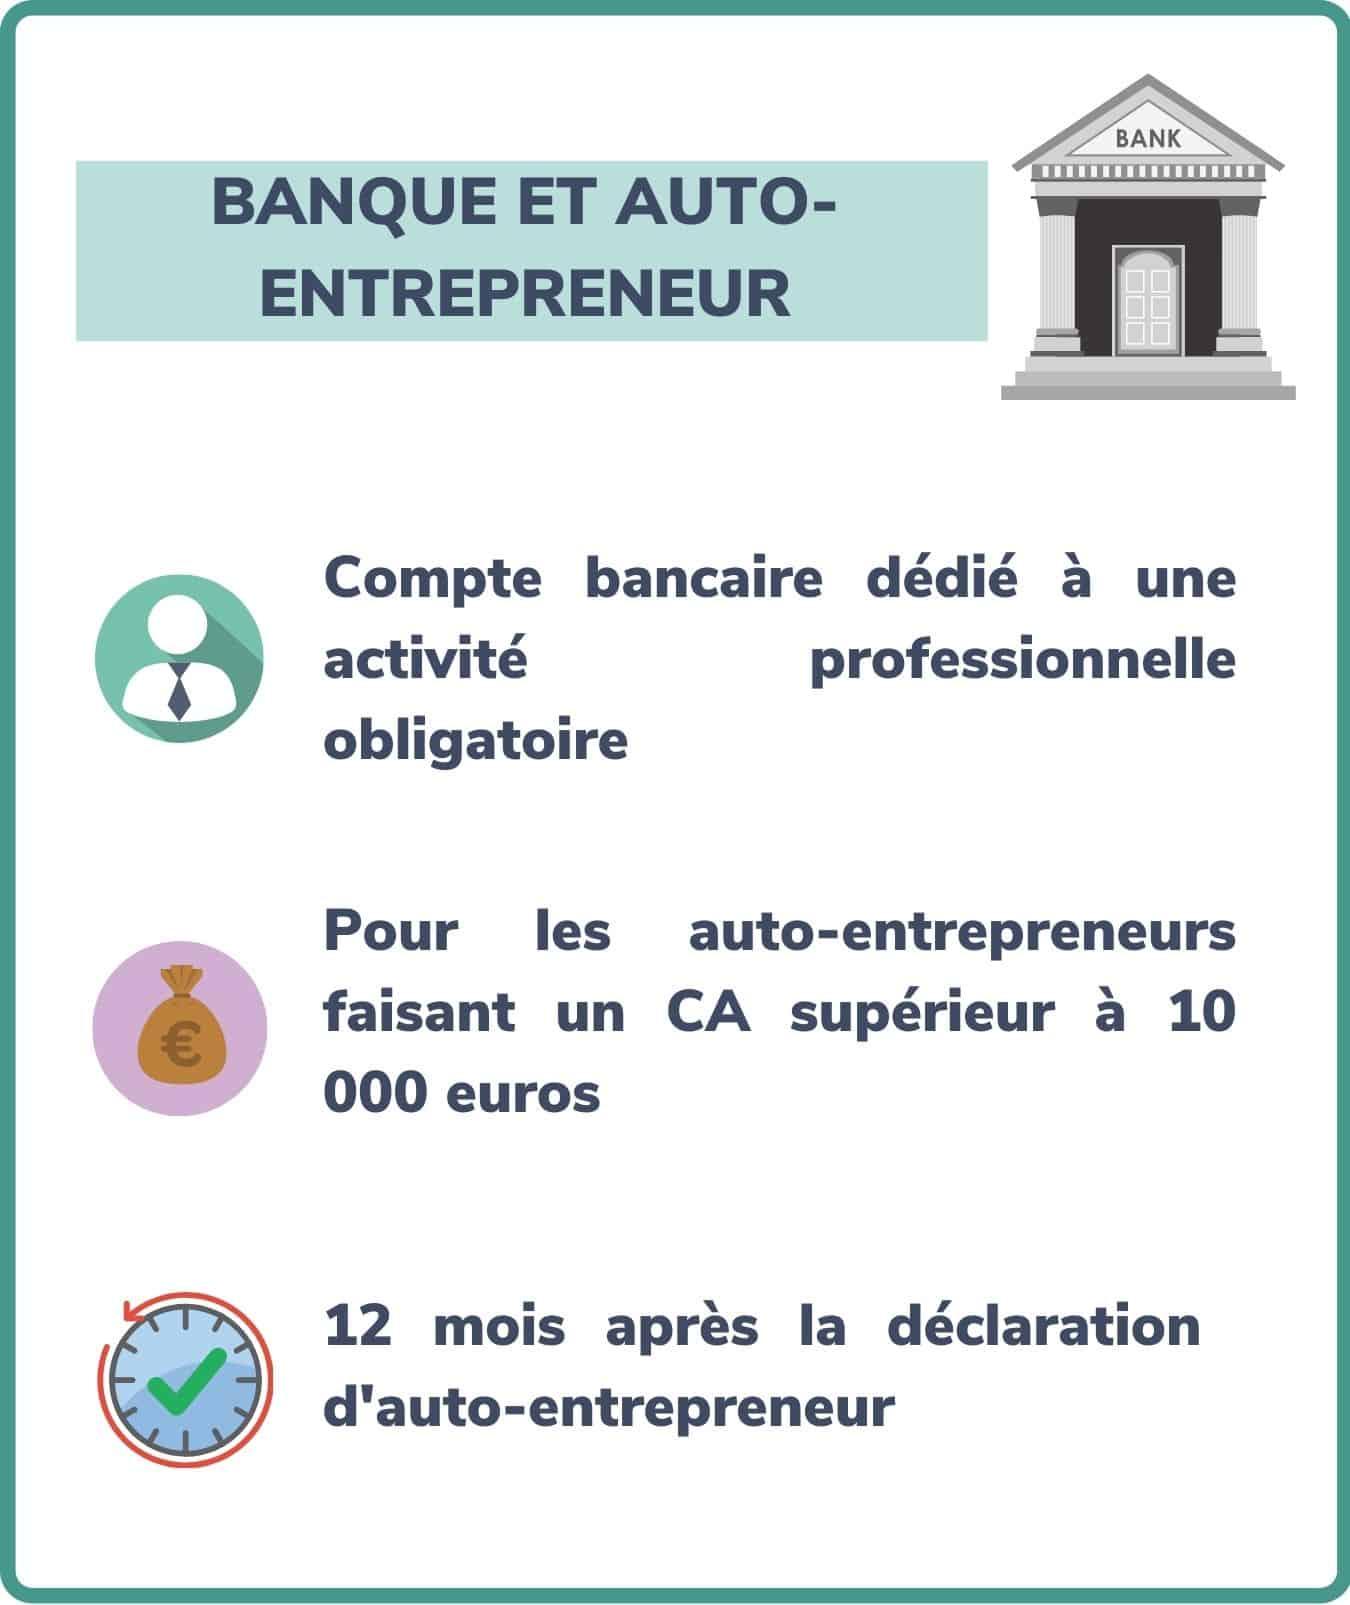 banque et auto-entrepreneur